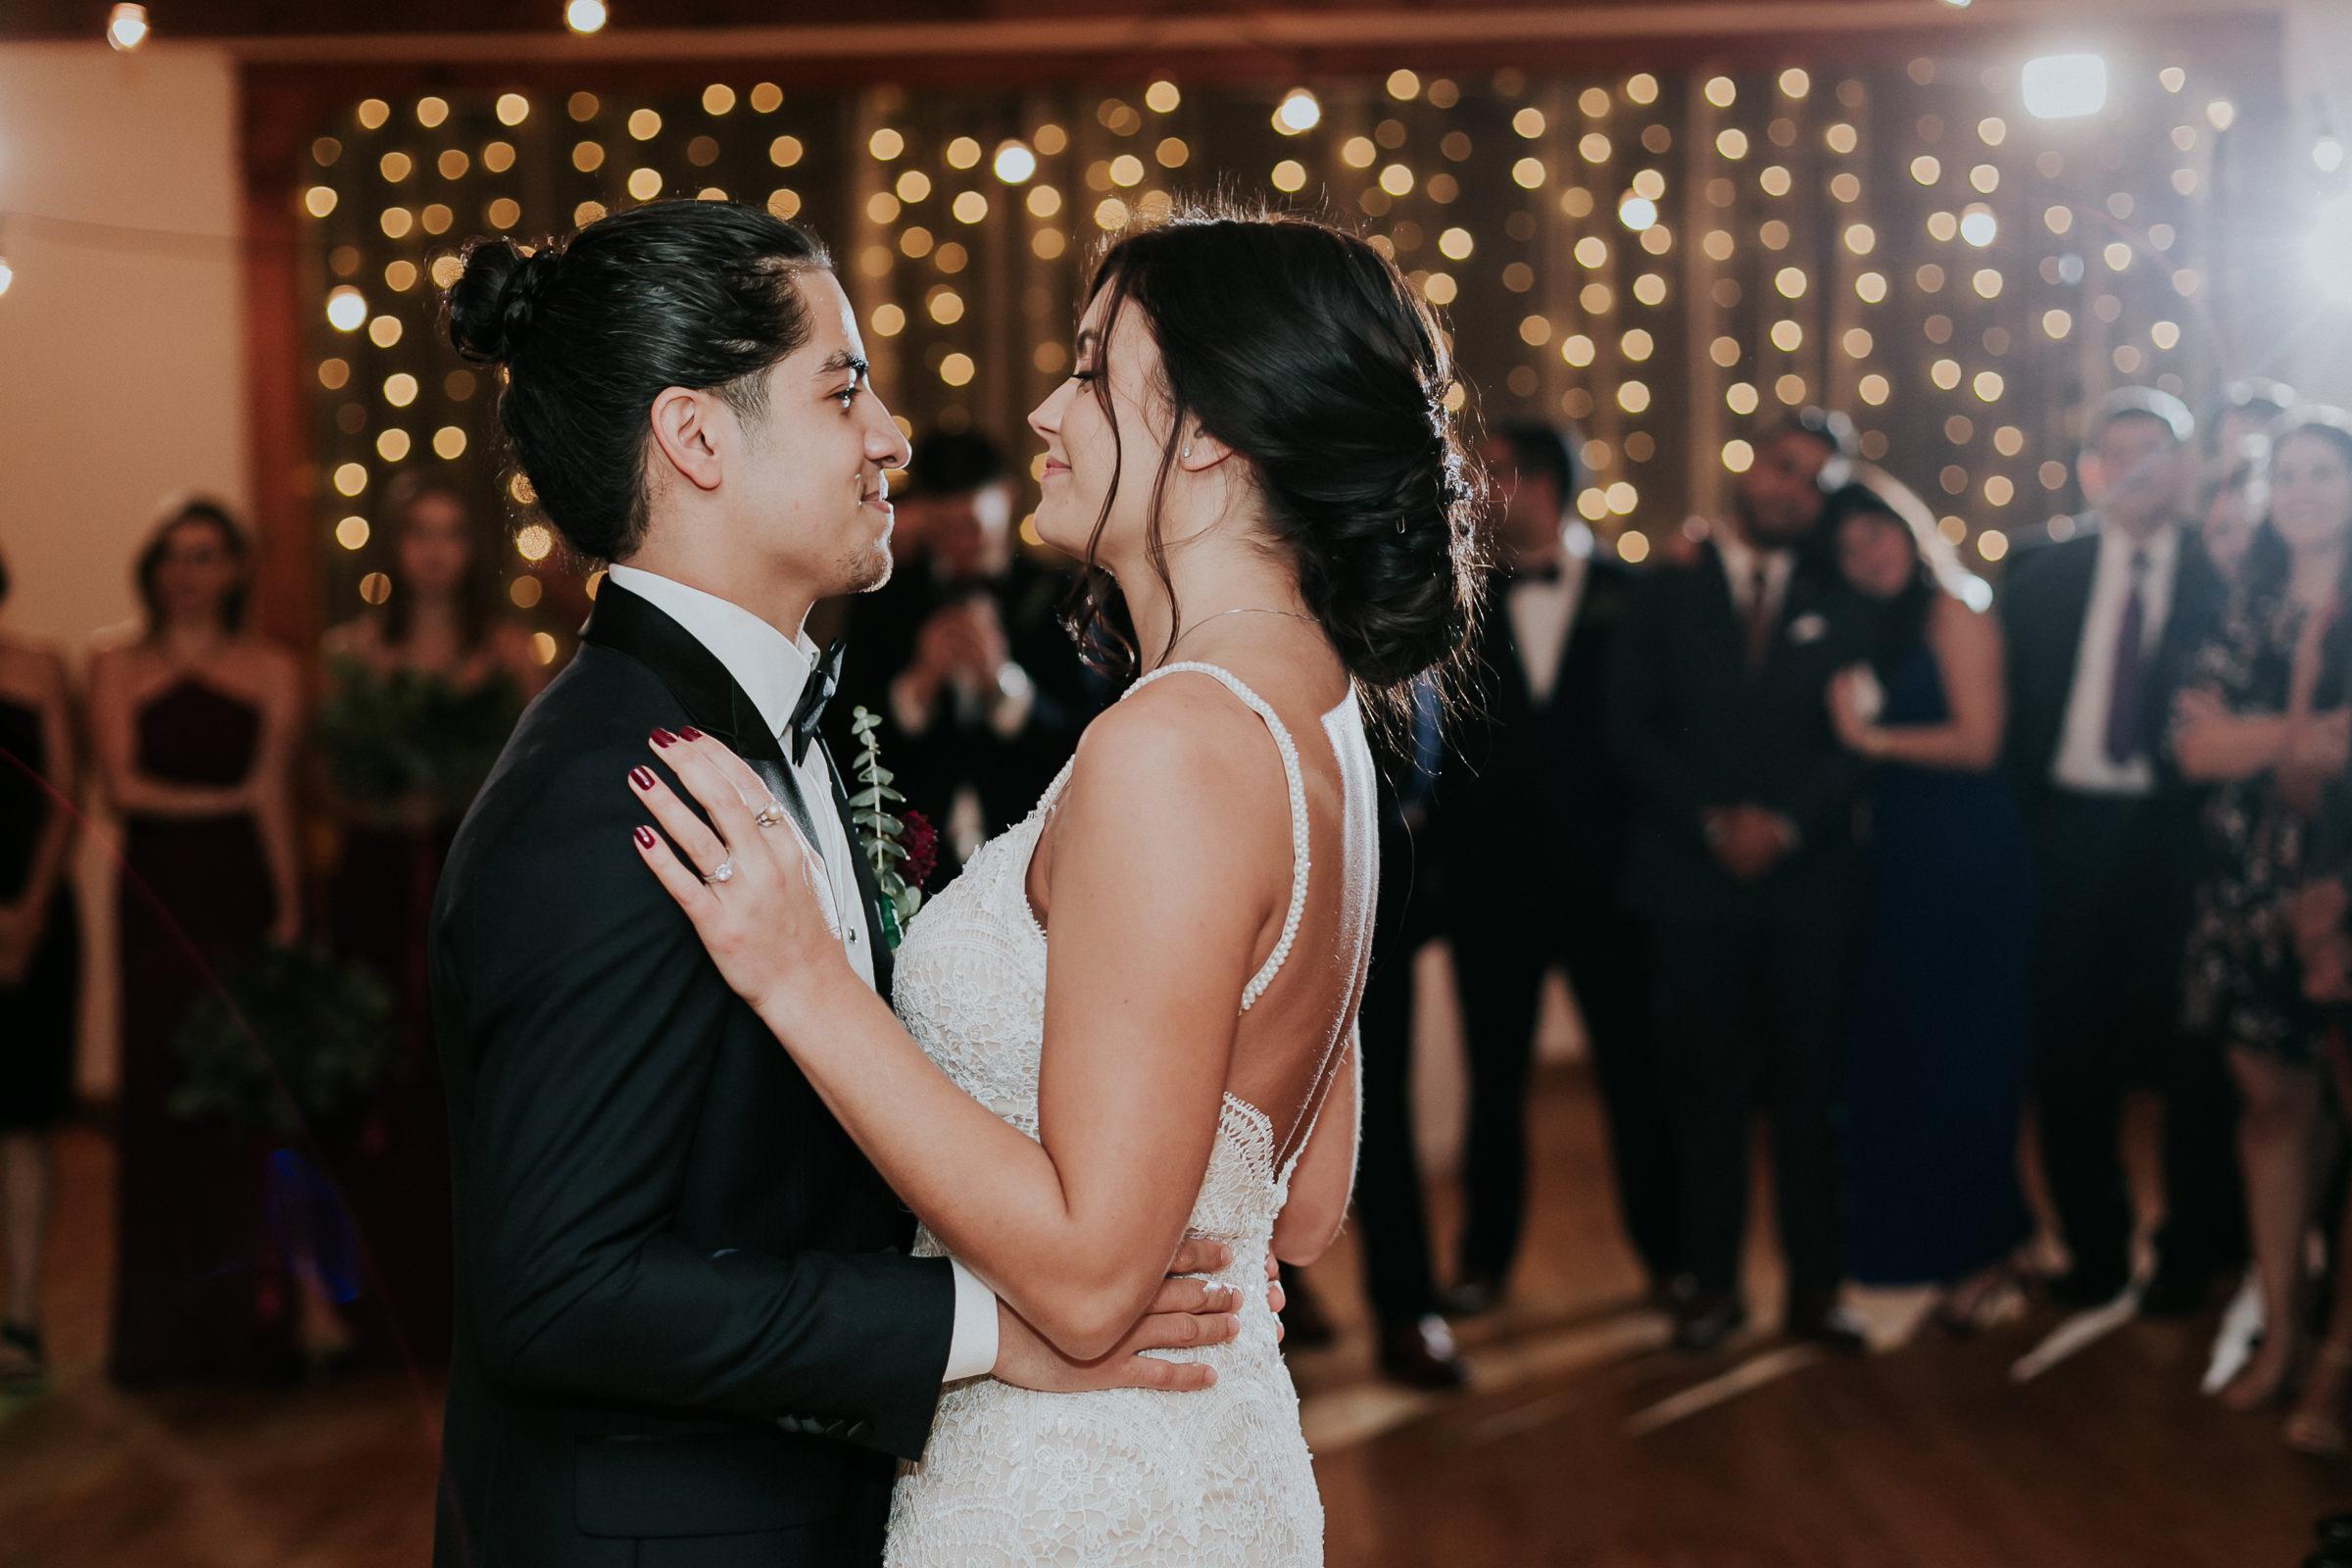 Arrow-Park-Monroe-NY-Documentary-Wedding-Photographer-87.jpg